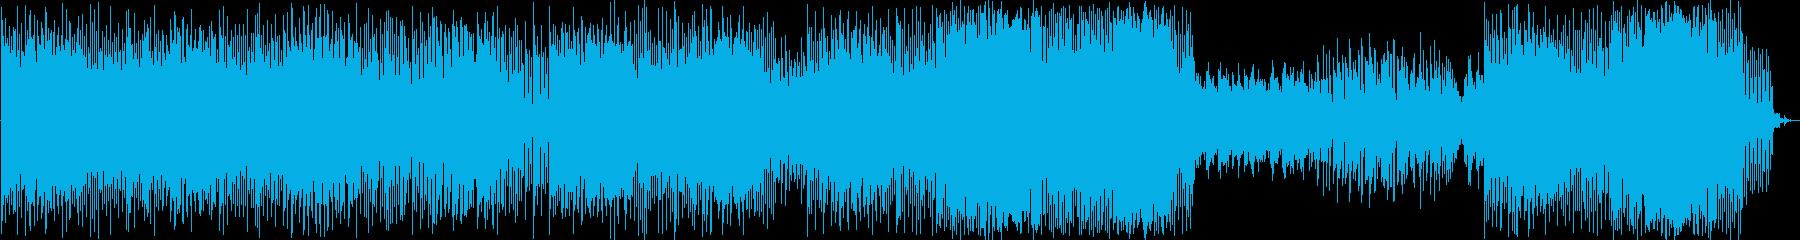 イントロ:アンビエント。大気とジャ...の再生済みの波形